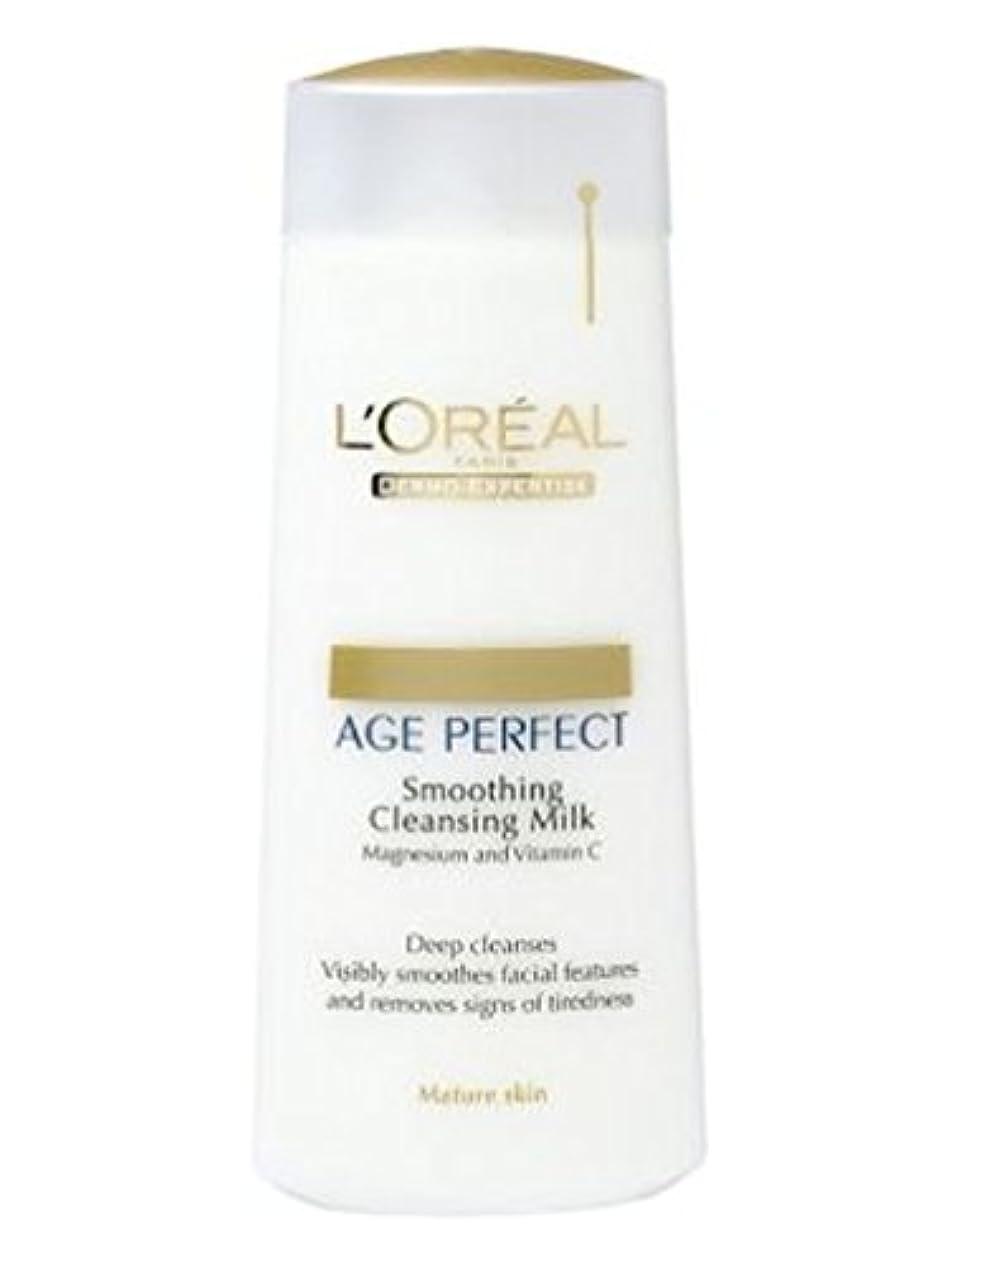 揺れる嬉しいです後ろにL'Oreall真皮専門知識の年齢、完璧なスムージングクレンジングミルク200ミリリットル (L'Oreal) (x2) - L'Oreall Dermo-Expertise Age Perfect Smoothing...